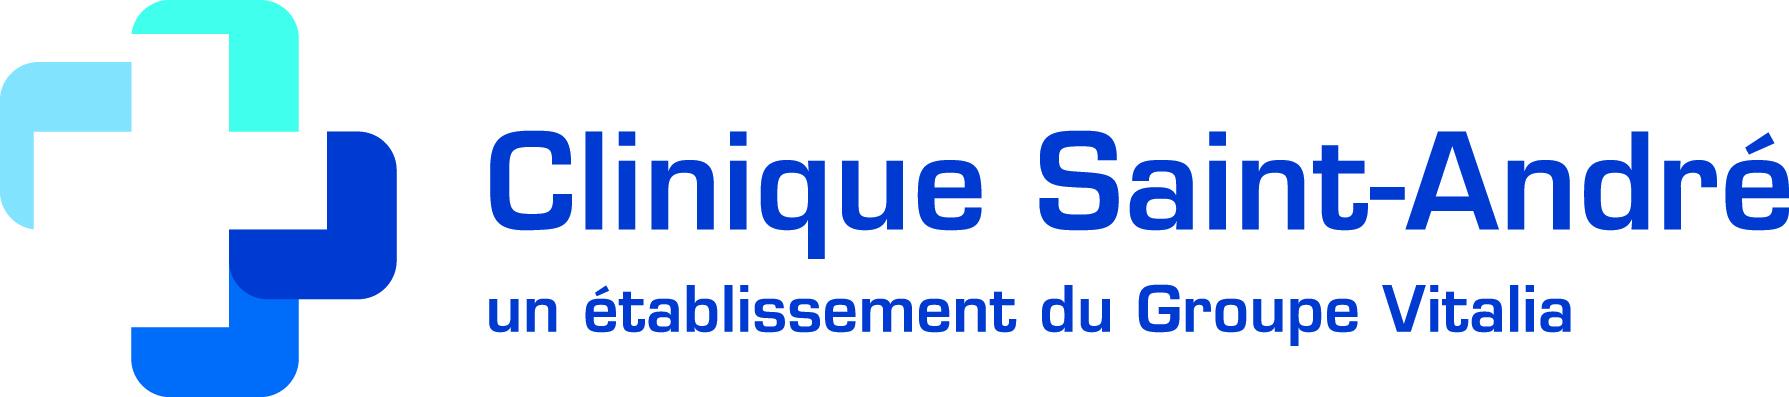 logo st andre QUAD